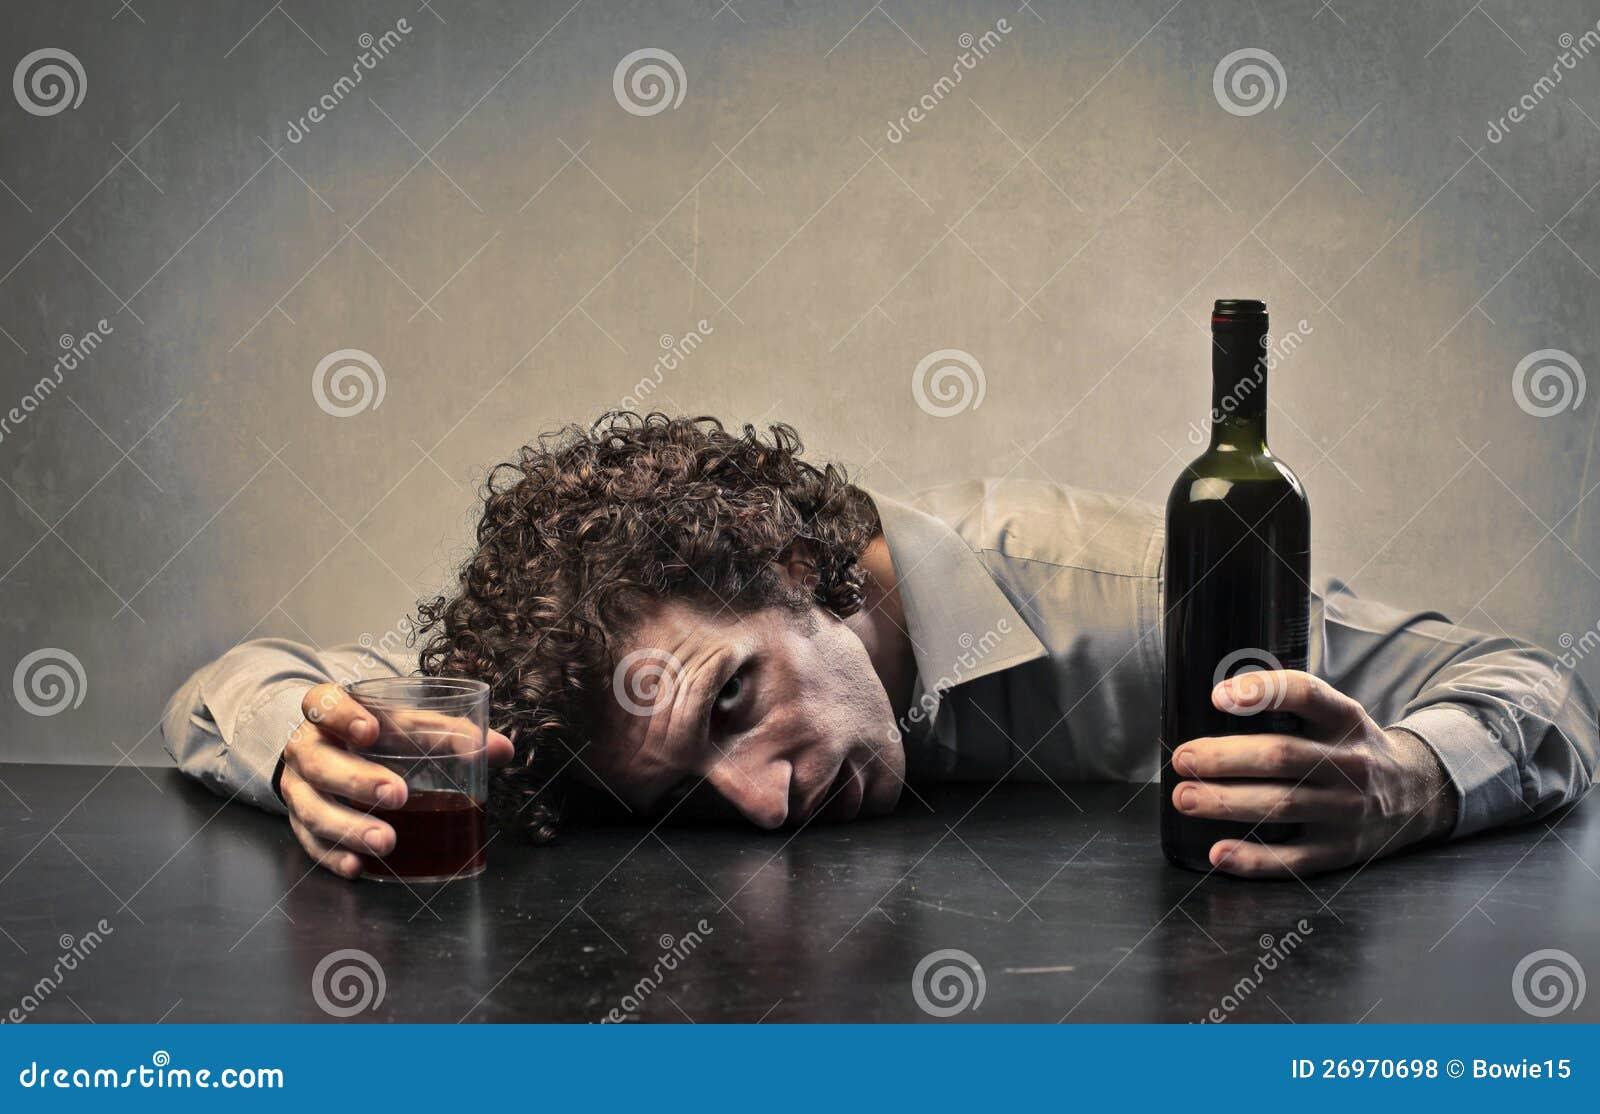 Фото пьяный с телефоном 10 фотография